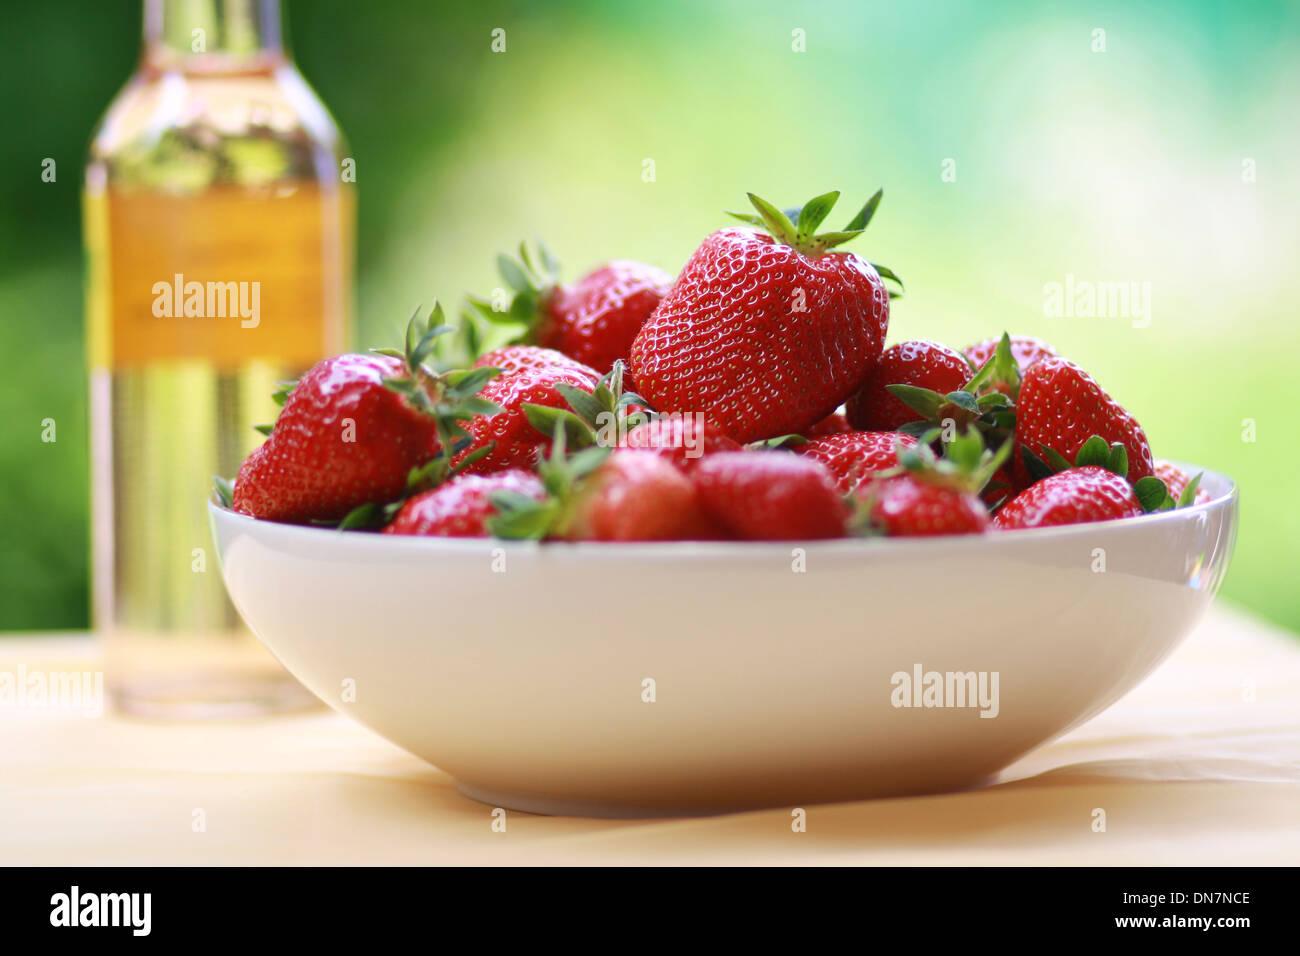 Frische Erdbeeren in einer Schüssel Stockbild